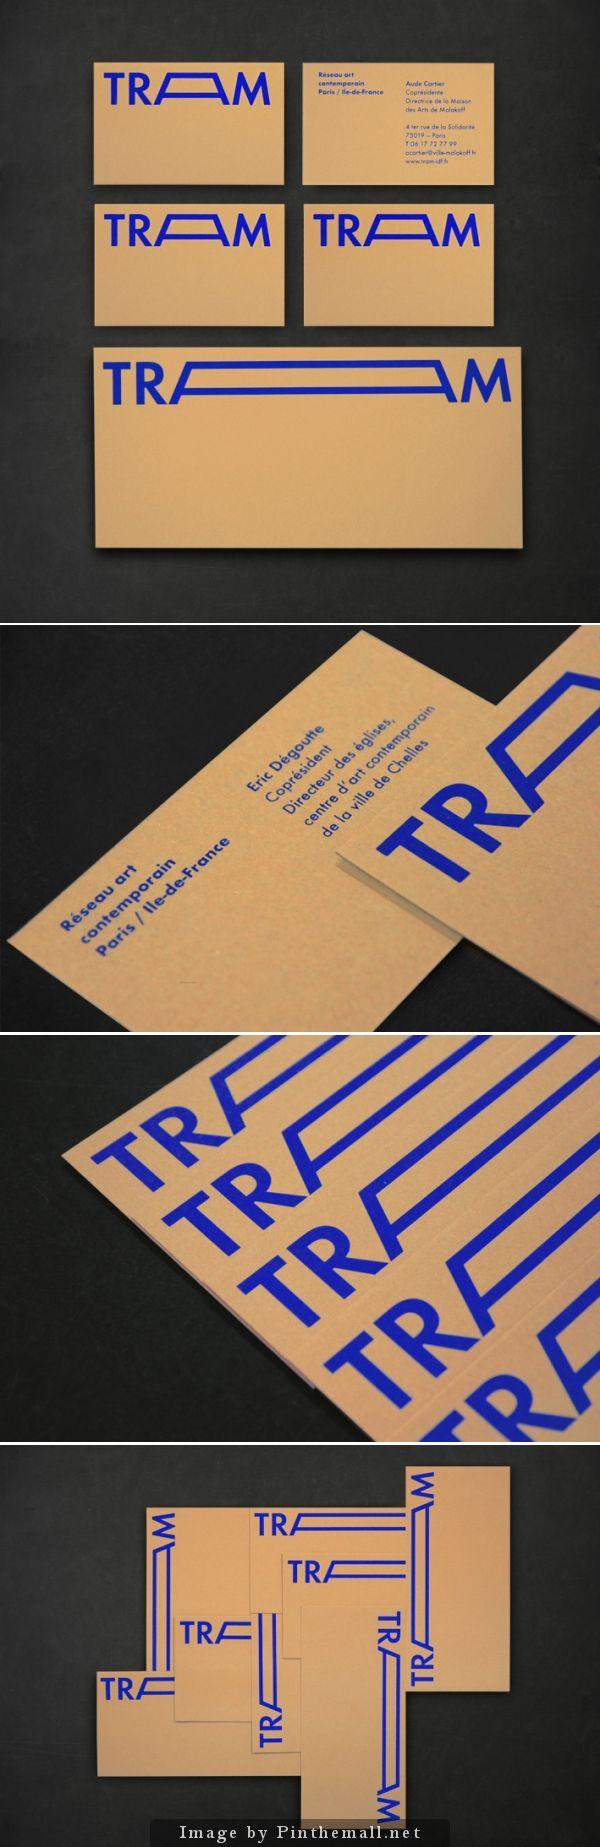 Tram - Contemporary Art - Paris | Atelier Muesli